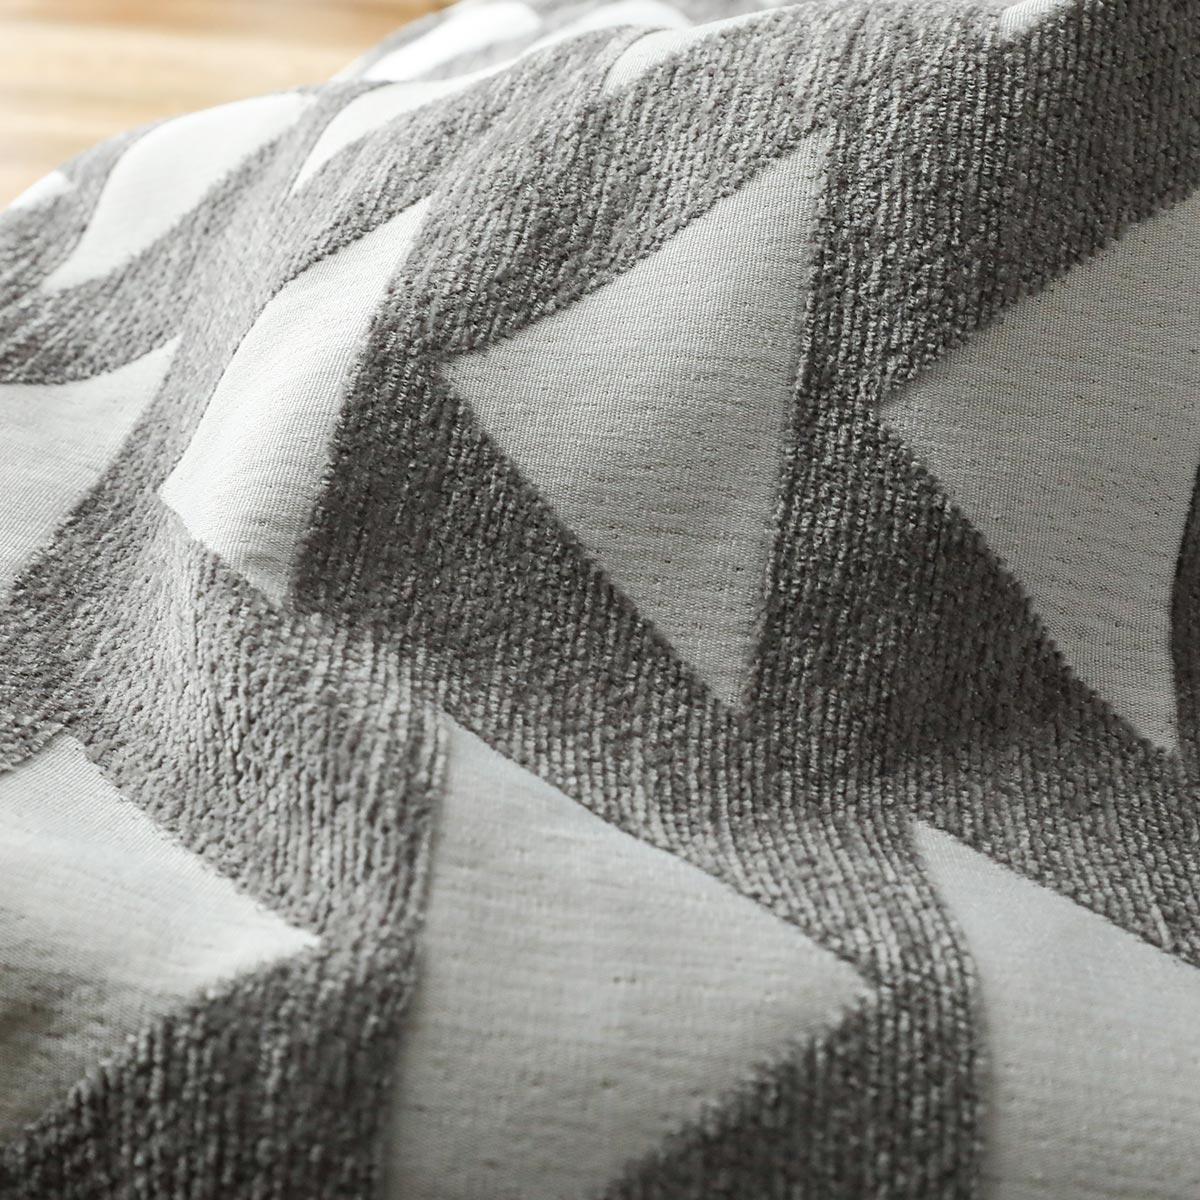 長短の糸で立体的なデザインに。洗えるから汚しても安心です。